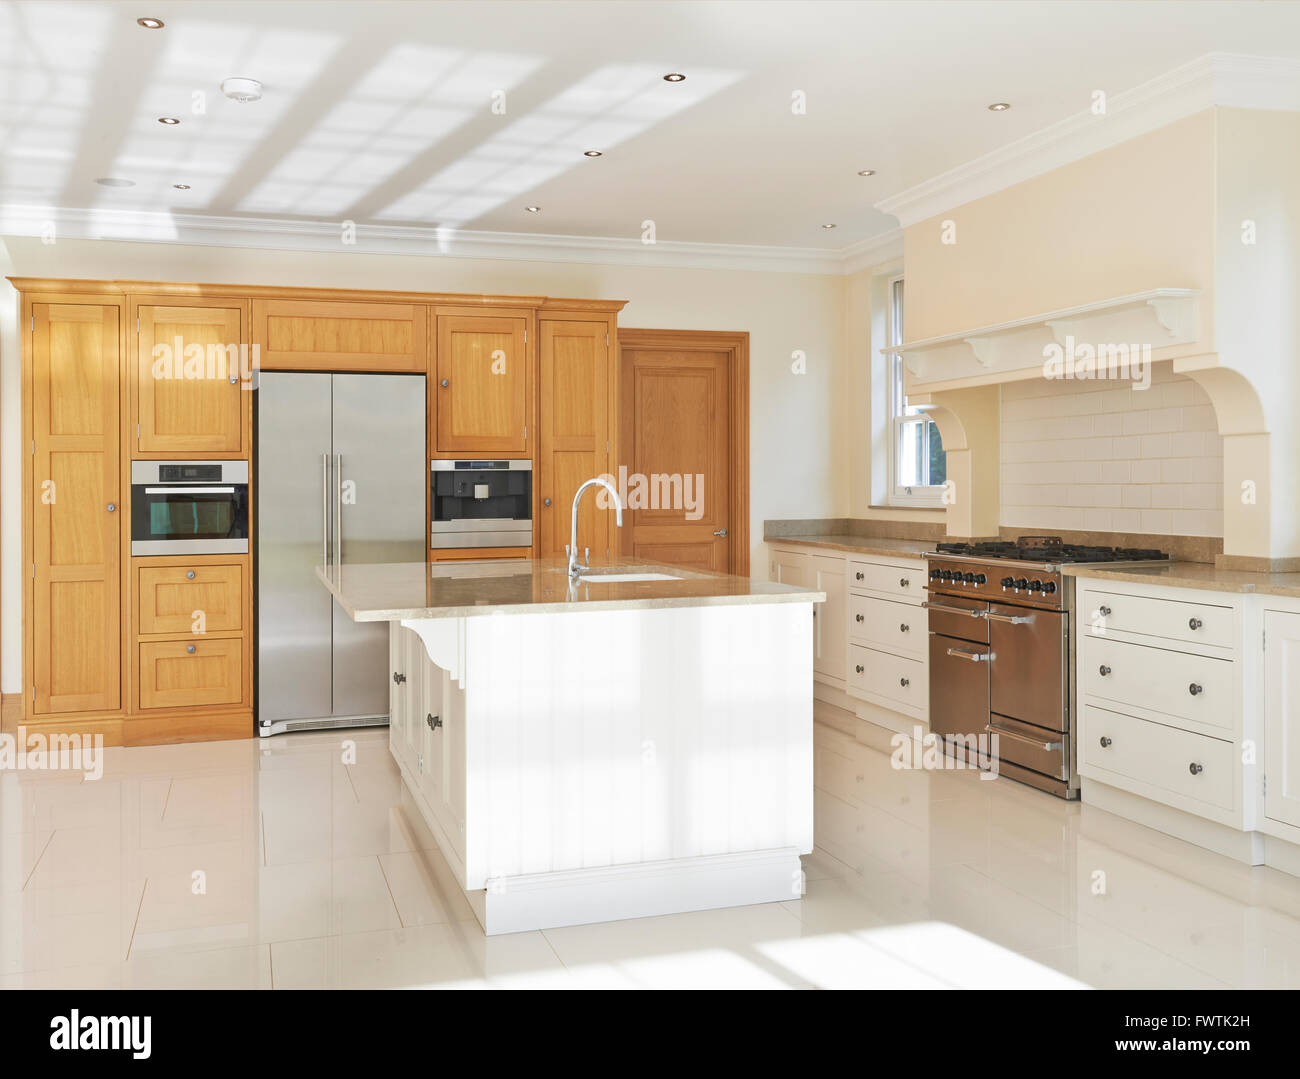 Luxury Cucina Attrezzata in casa Immagini Stock